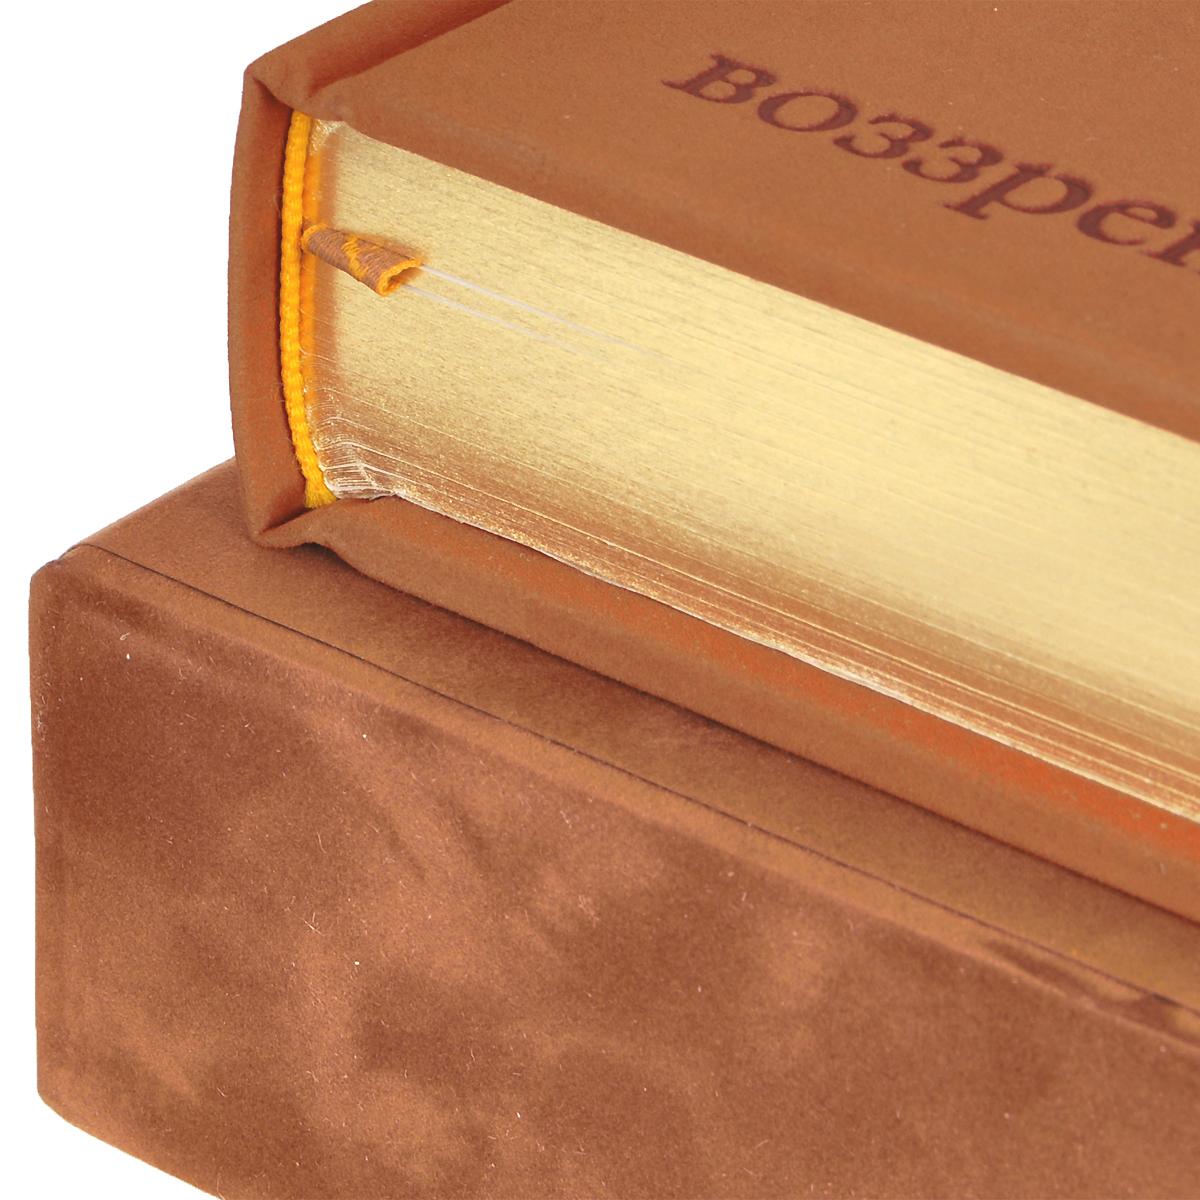 Житейские воззрения кота Мурра (эксклюзивное подарочное издание), Эрнст Теодор Амадей Гофман